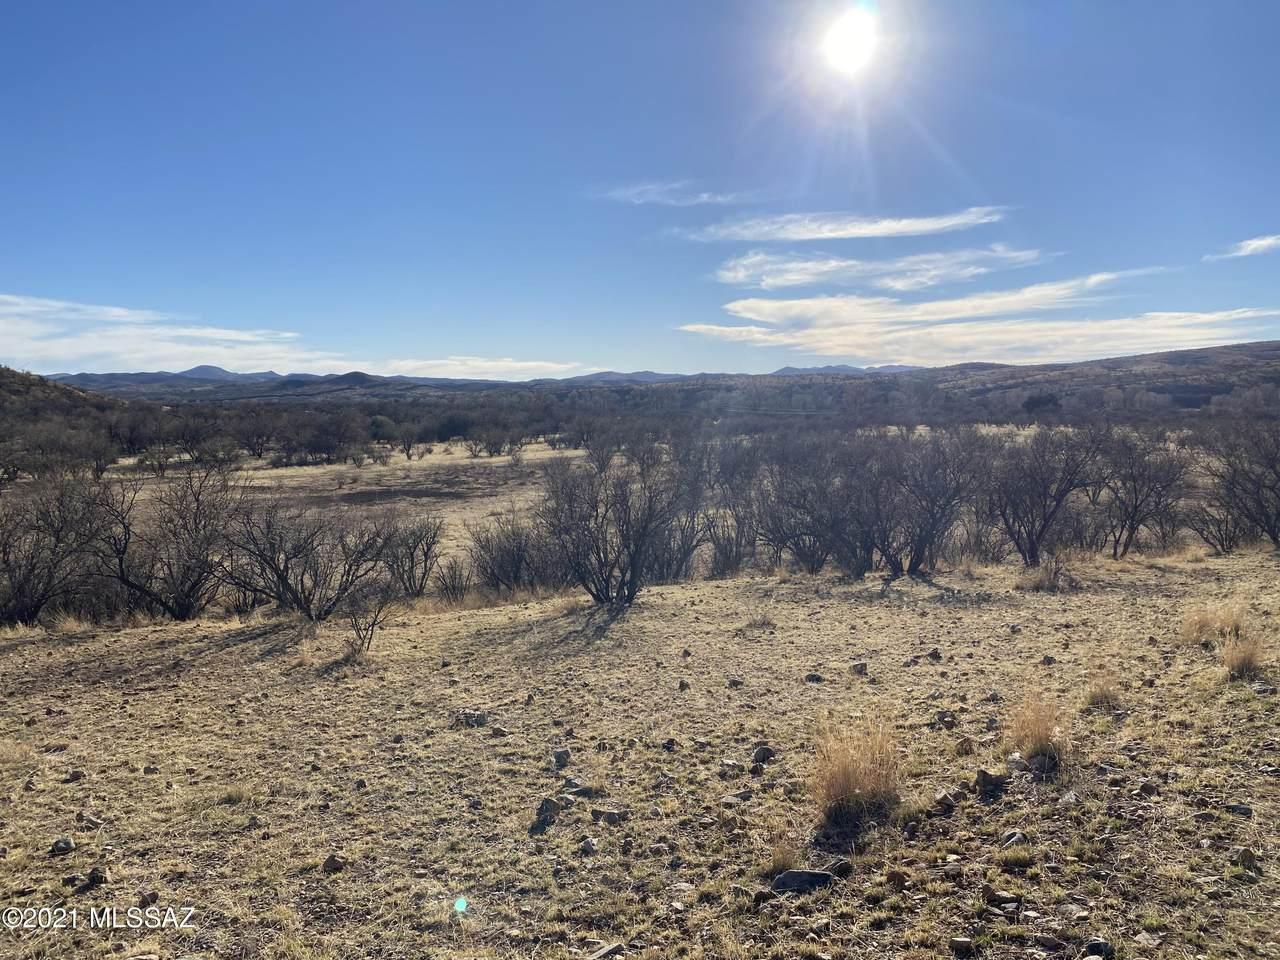 TBD El Camino Real - Photo 1